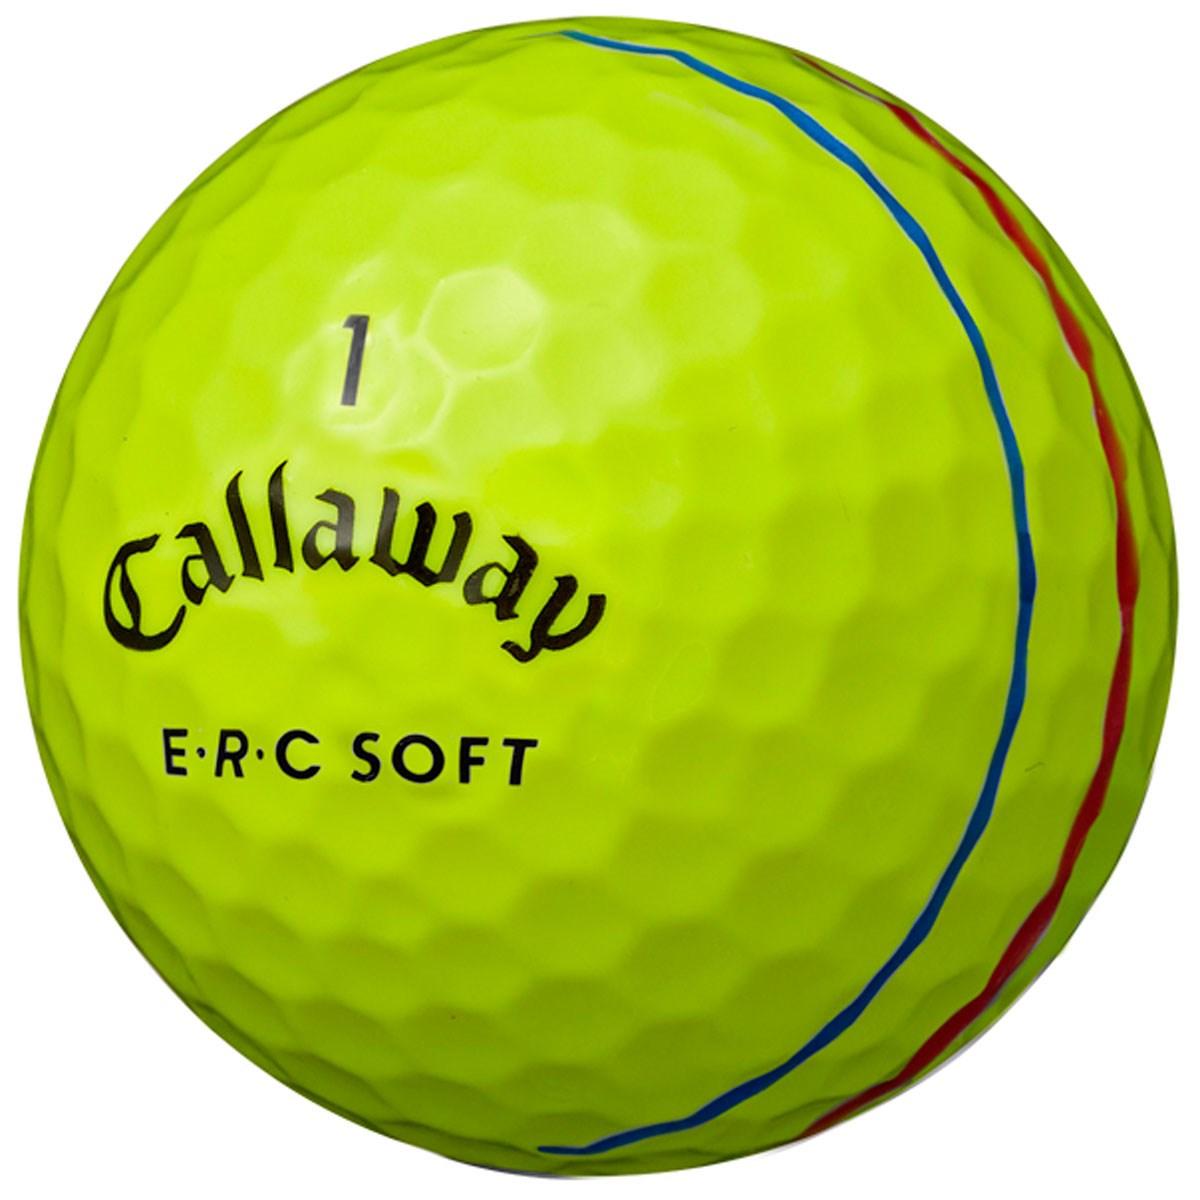 キャロウェイゴルフ E・R・C ERC SOFT 19 TRIPLE TRACK ボール 1ダース(12個入り) イエロー